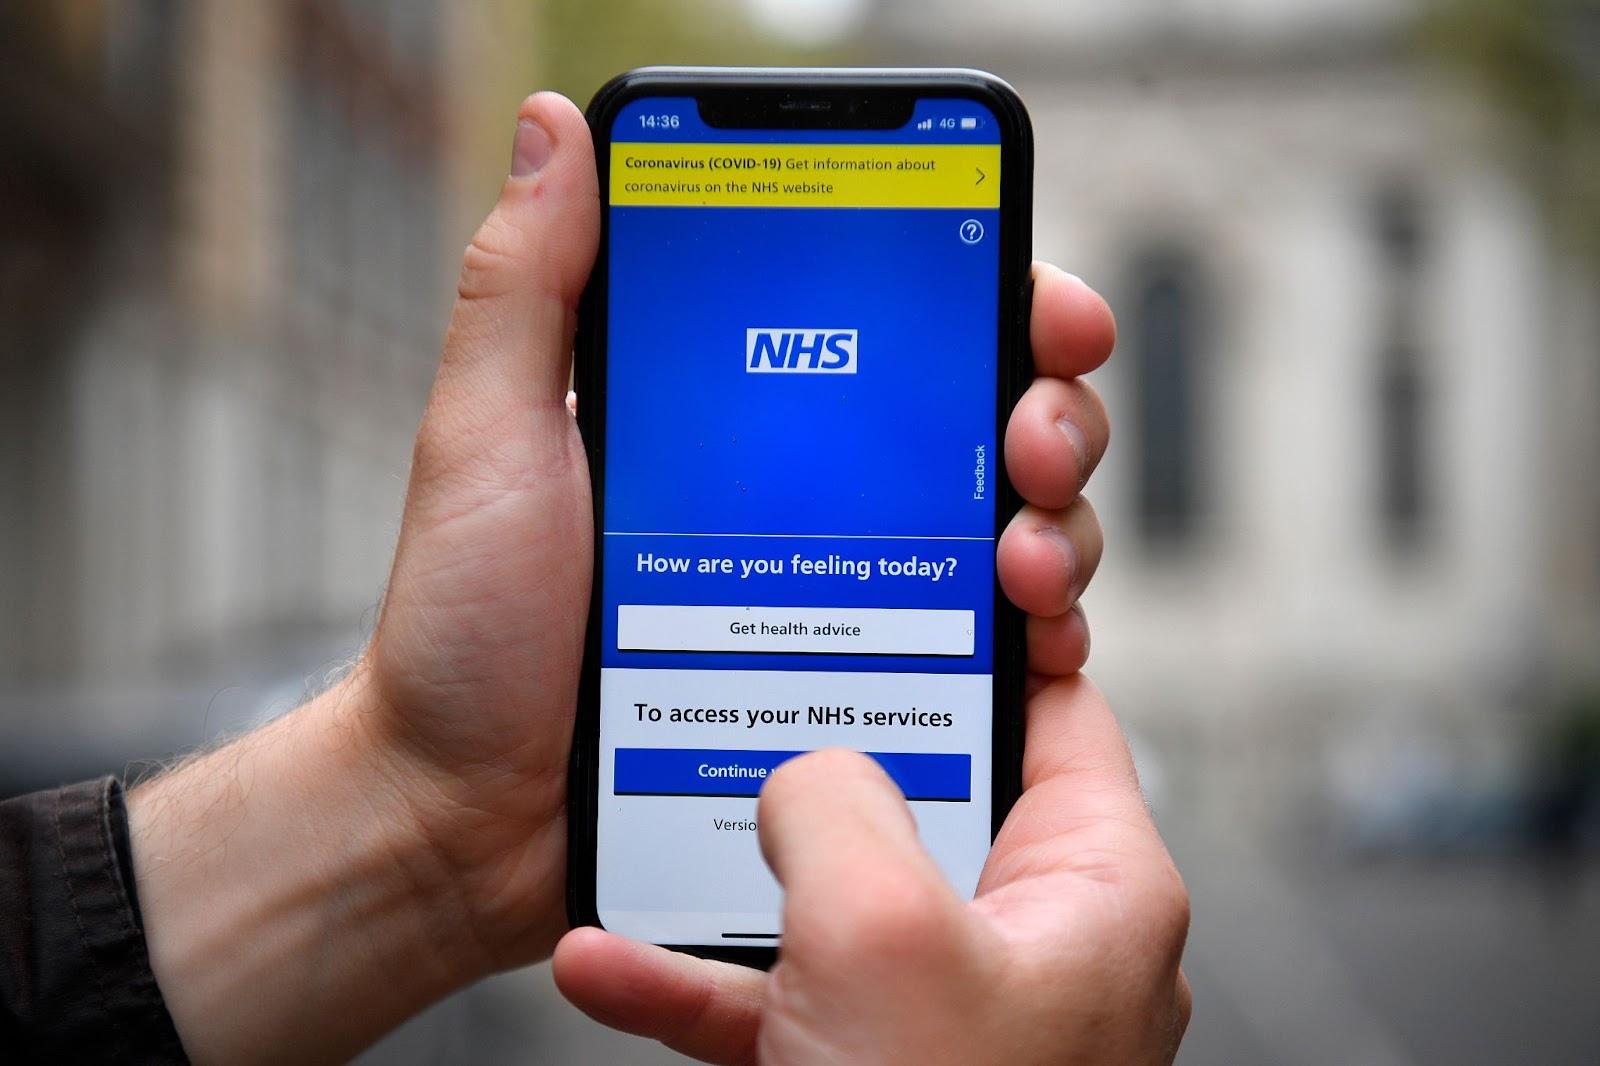 Vương quốc Anh triển khai hộ chiếu vắc-xin trước chứng nhận số của EU - ảnh 1